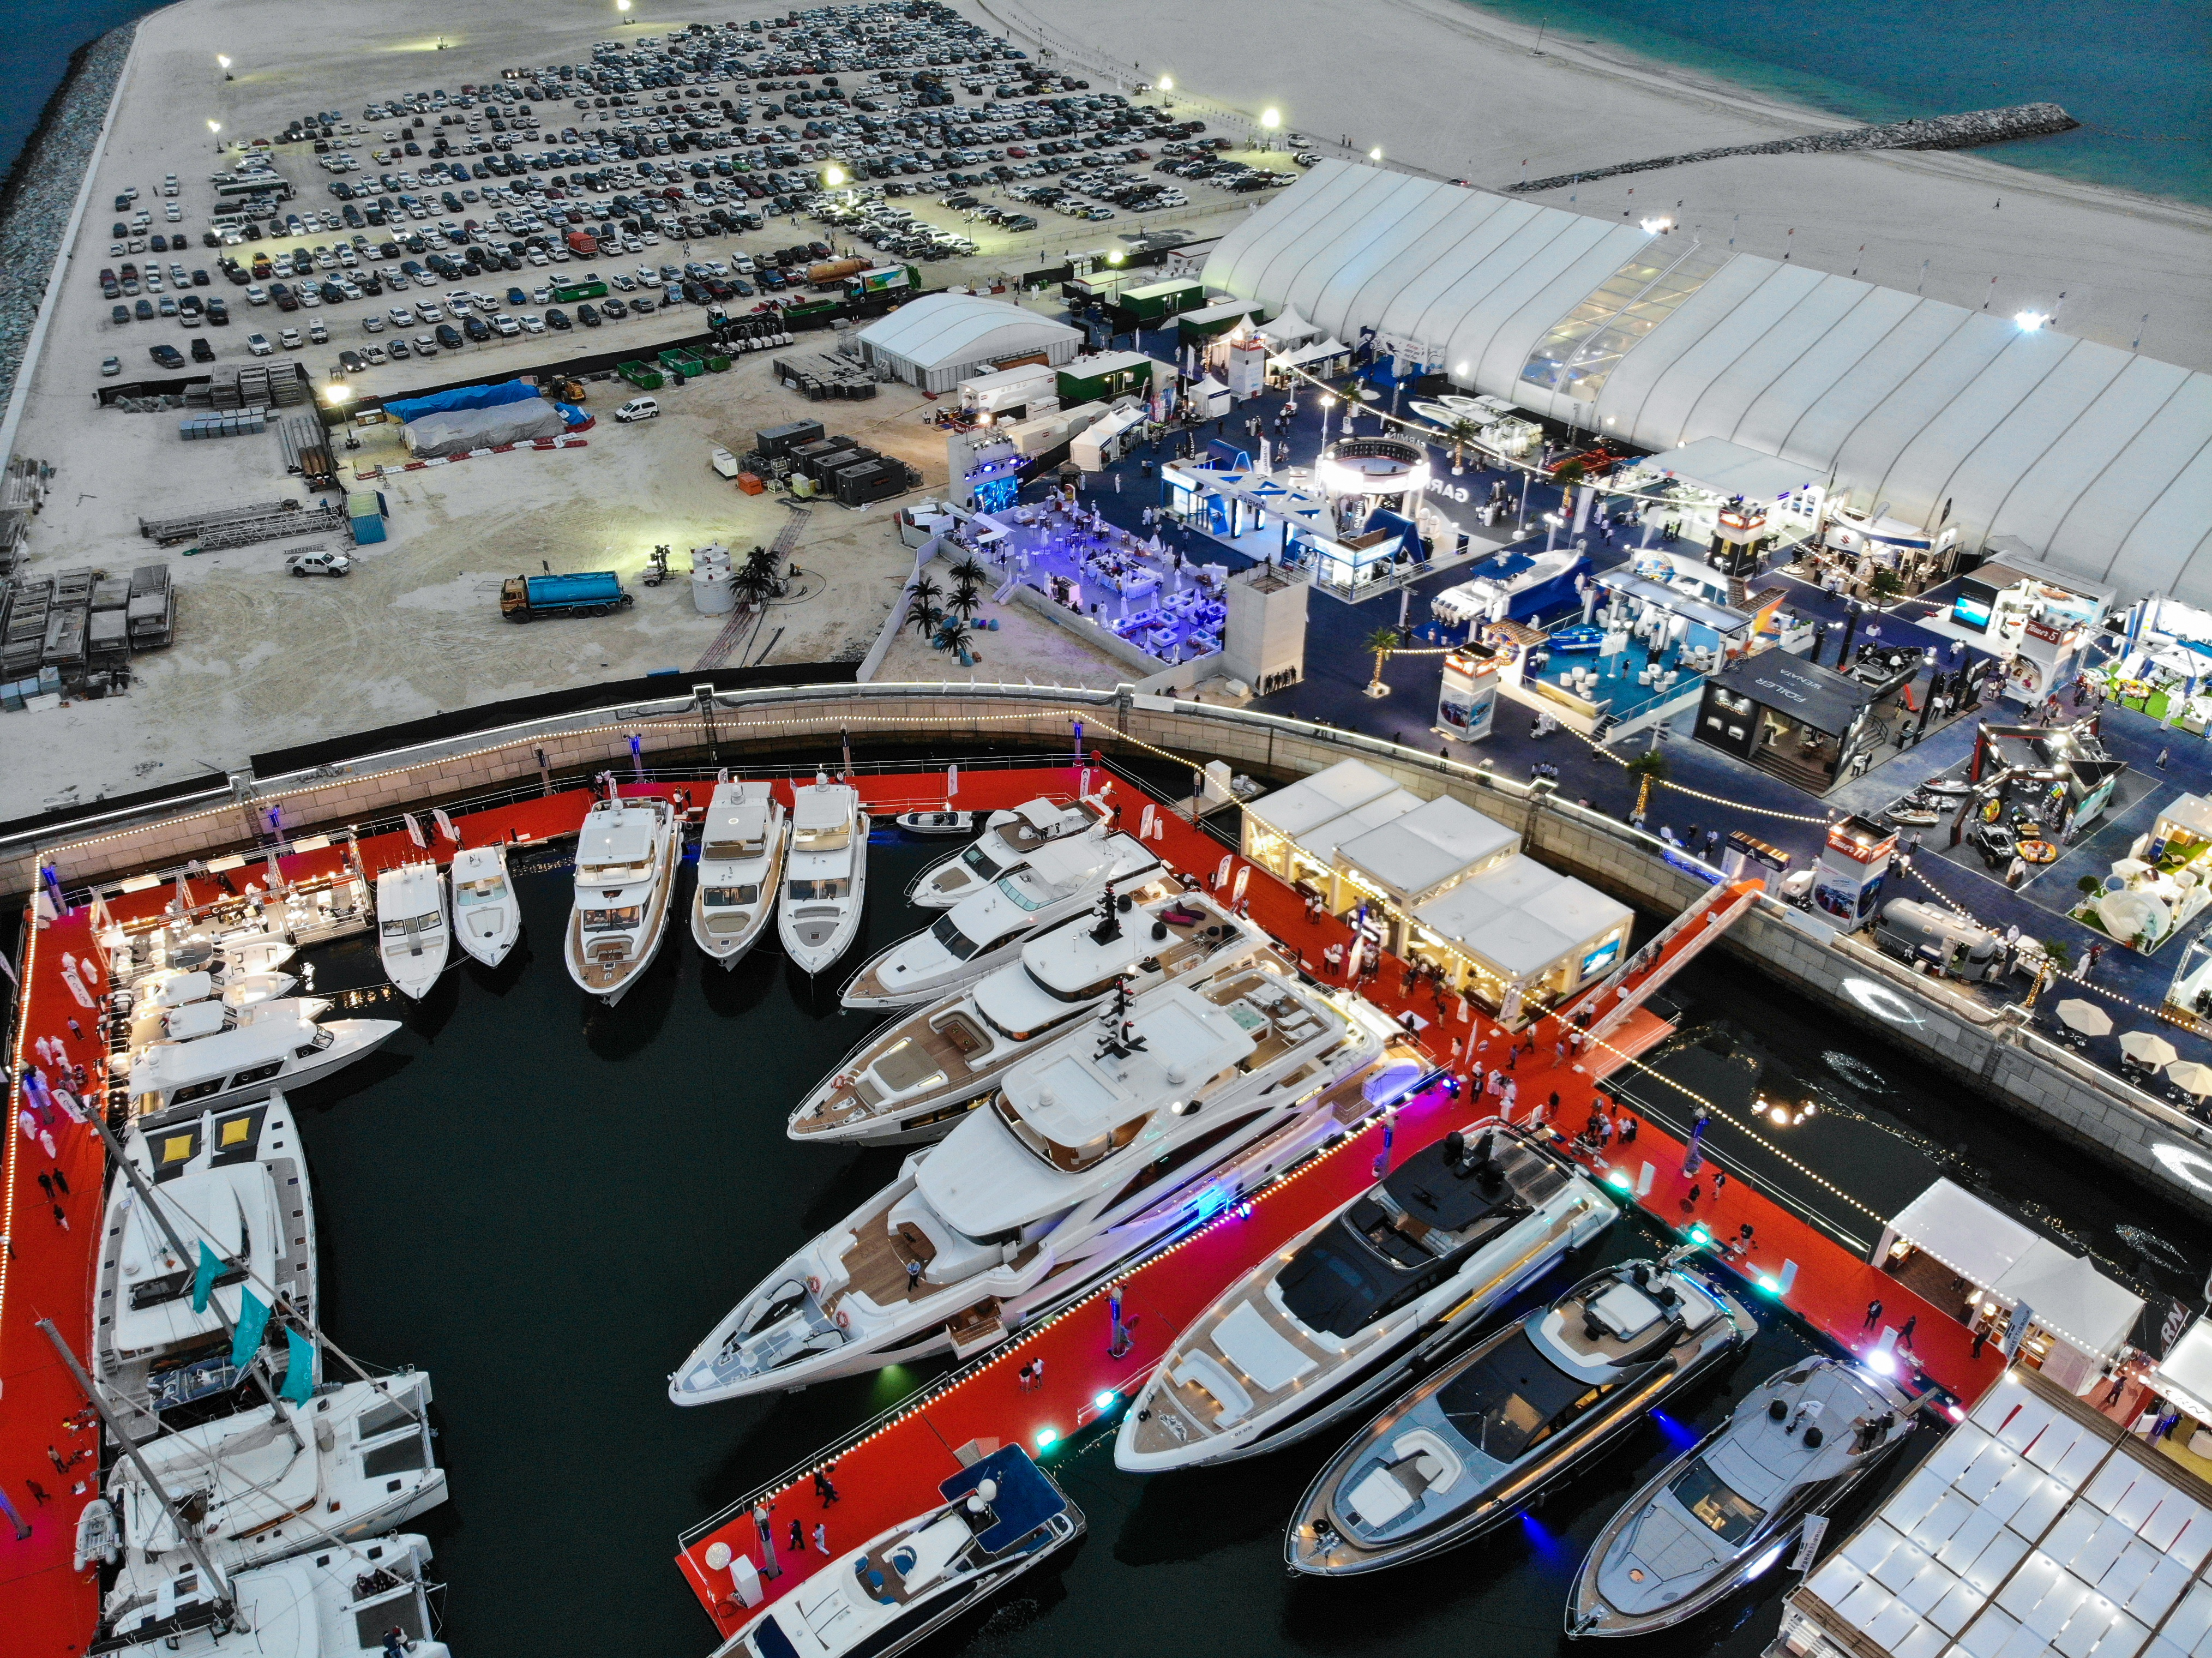 Gulf Craft at the 2018 Dubai Boat Show (8).jpg